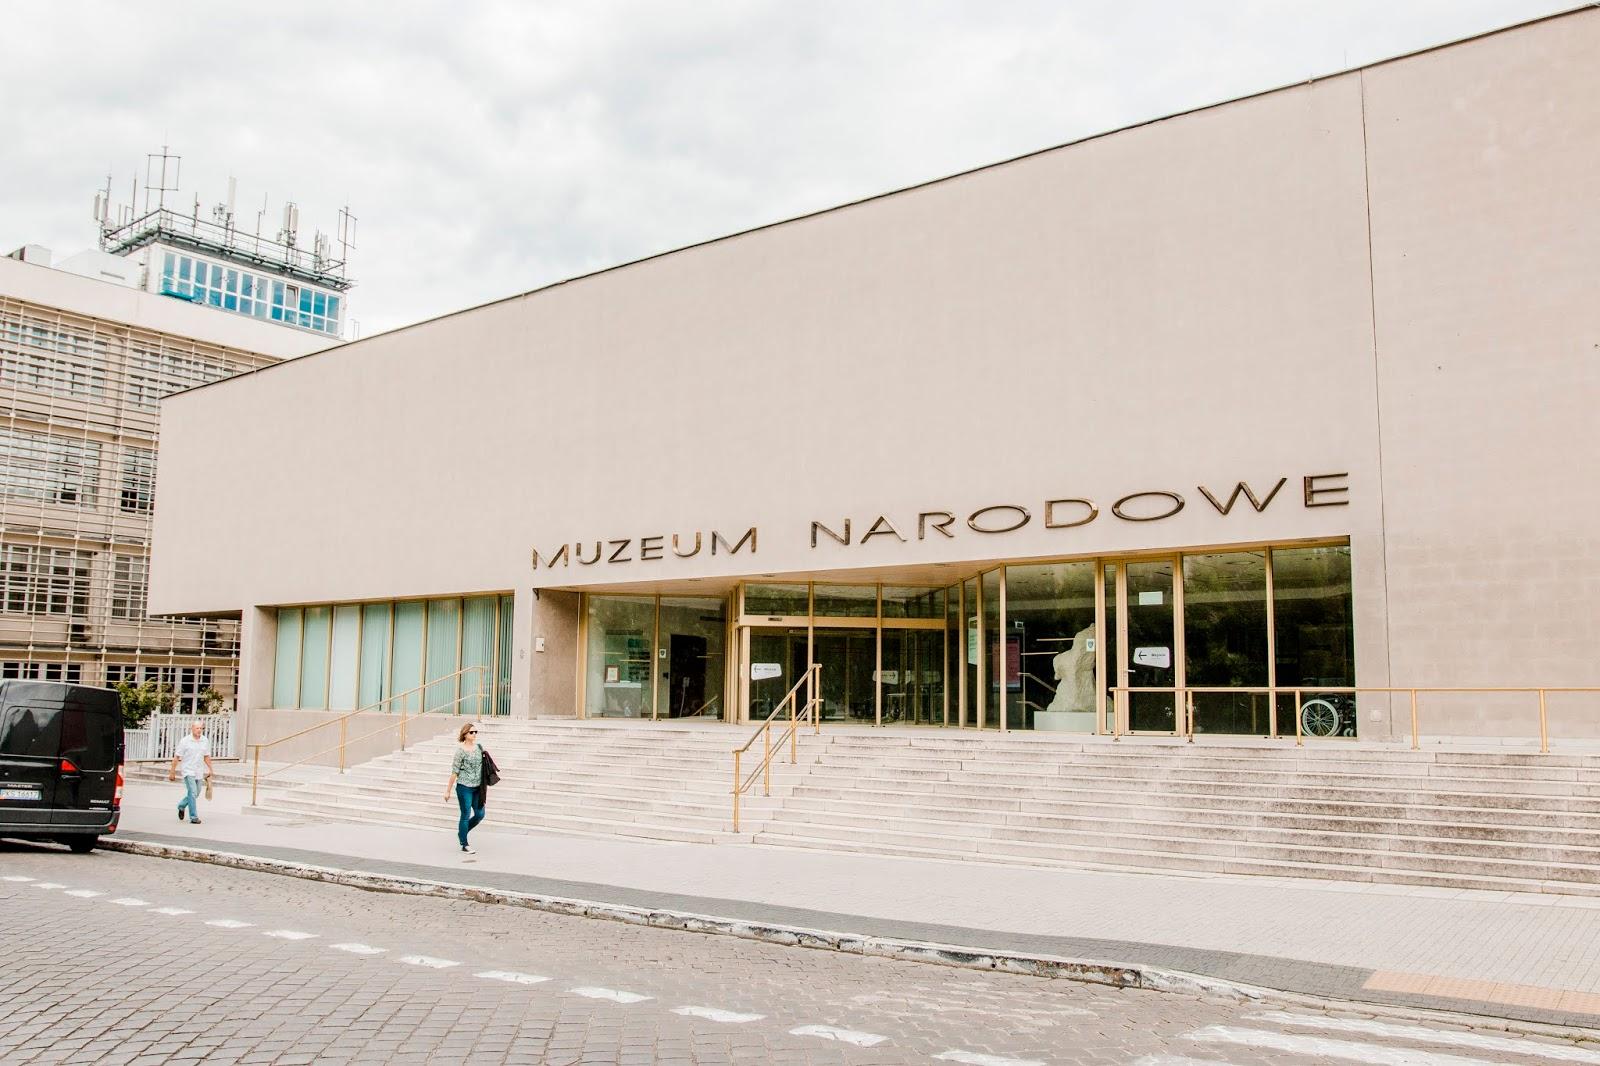 muzeum narodowe poznań